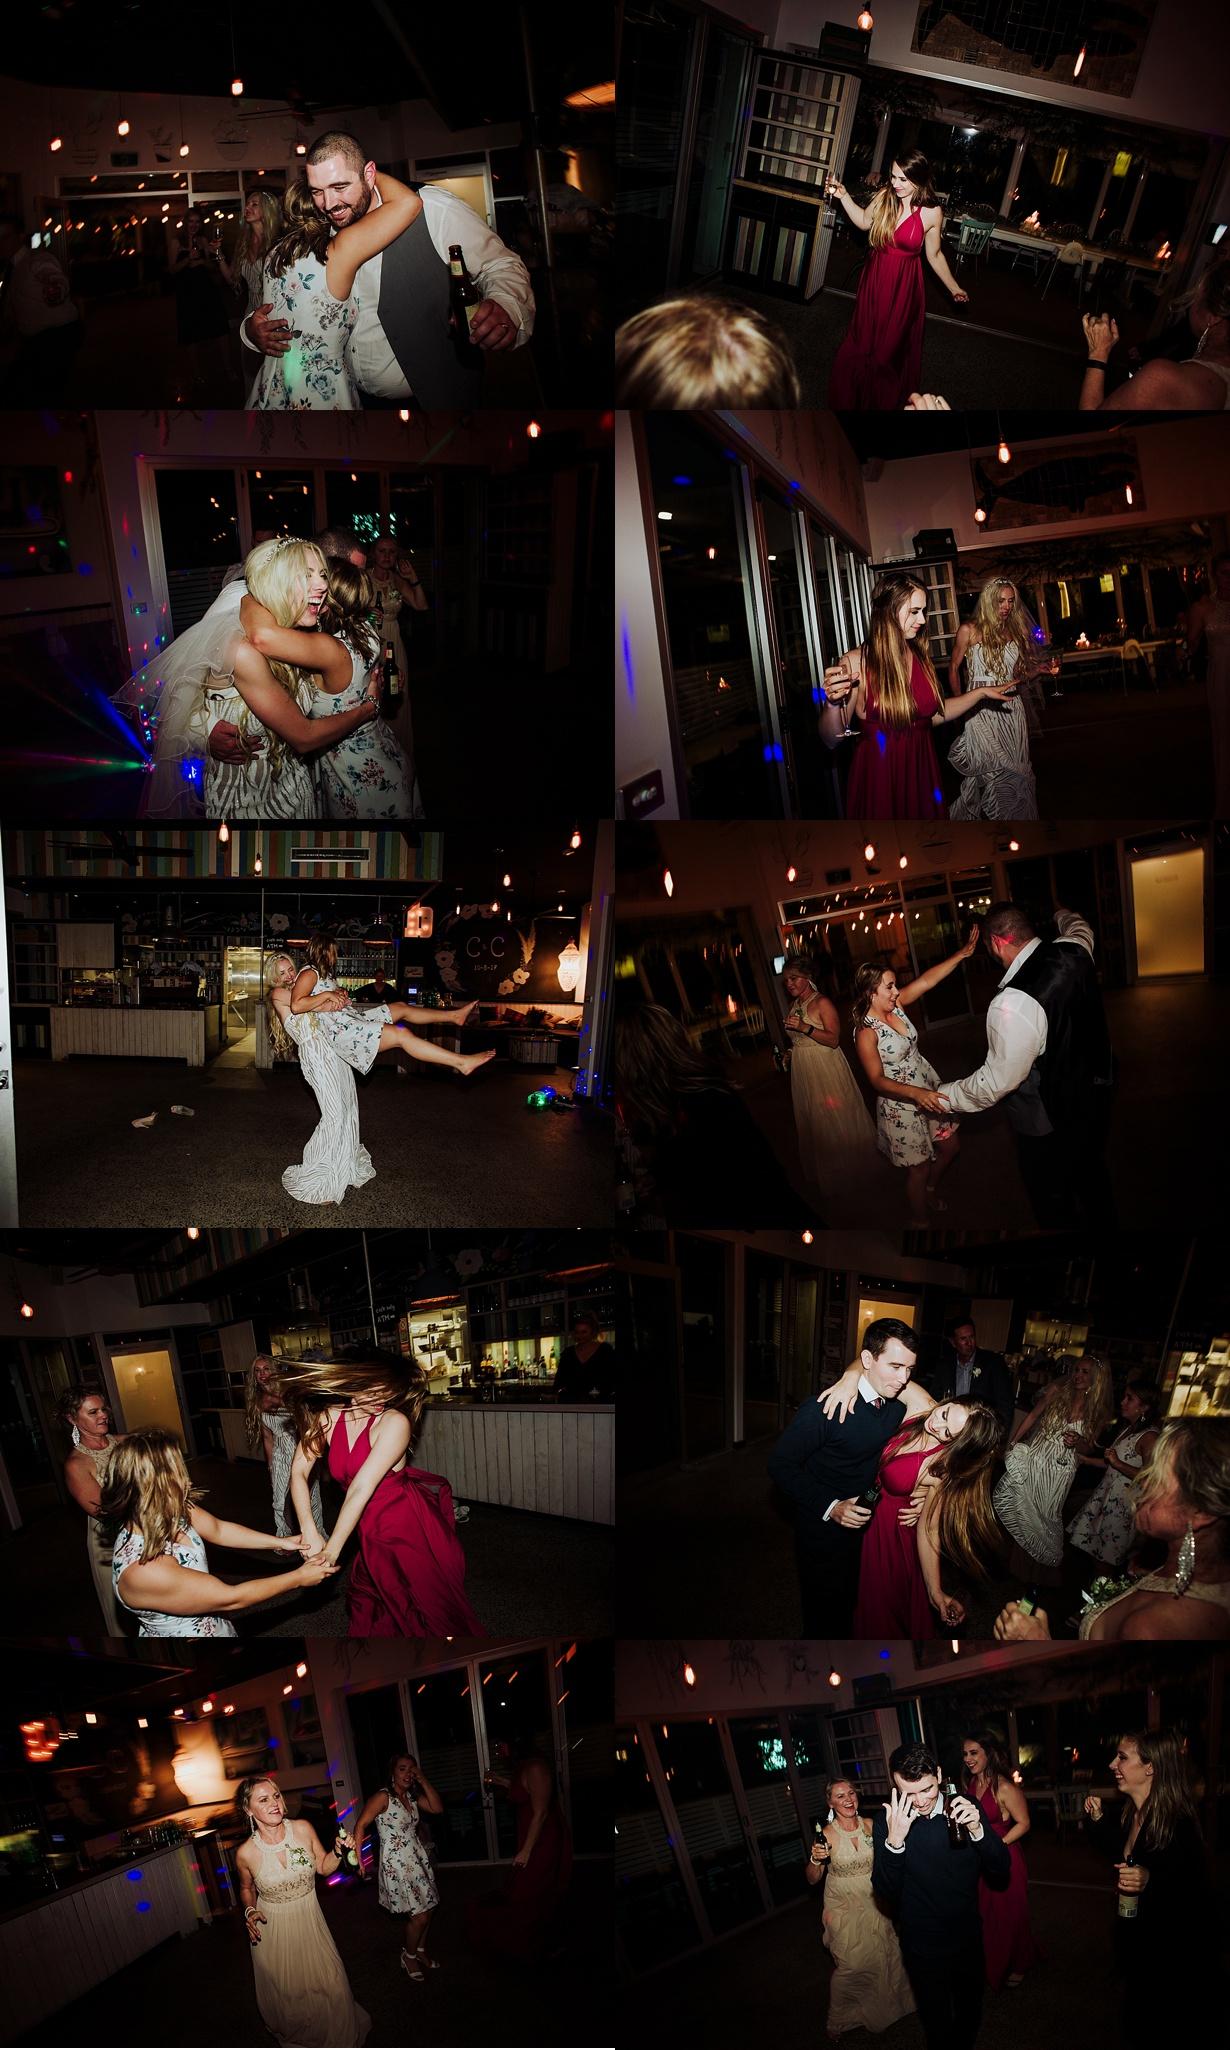 Belongil_Byron_Bay_Restaurant_Wedding_dancing_0001.jpg